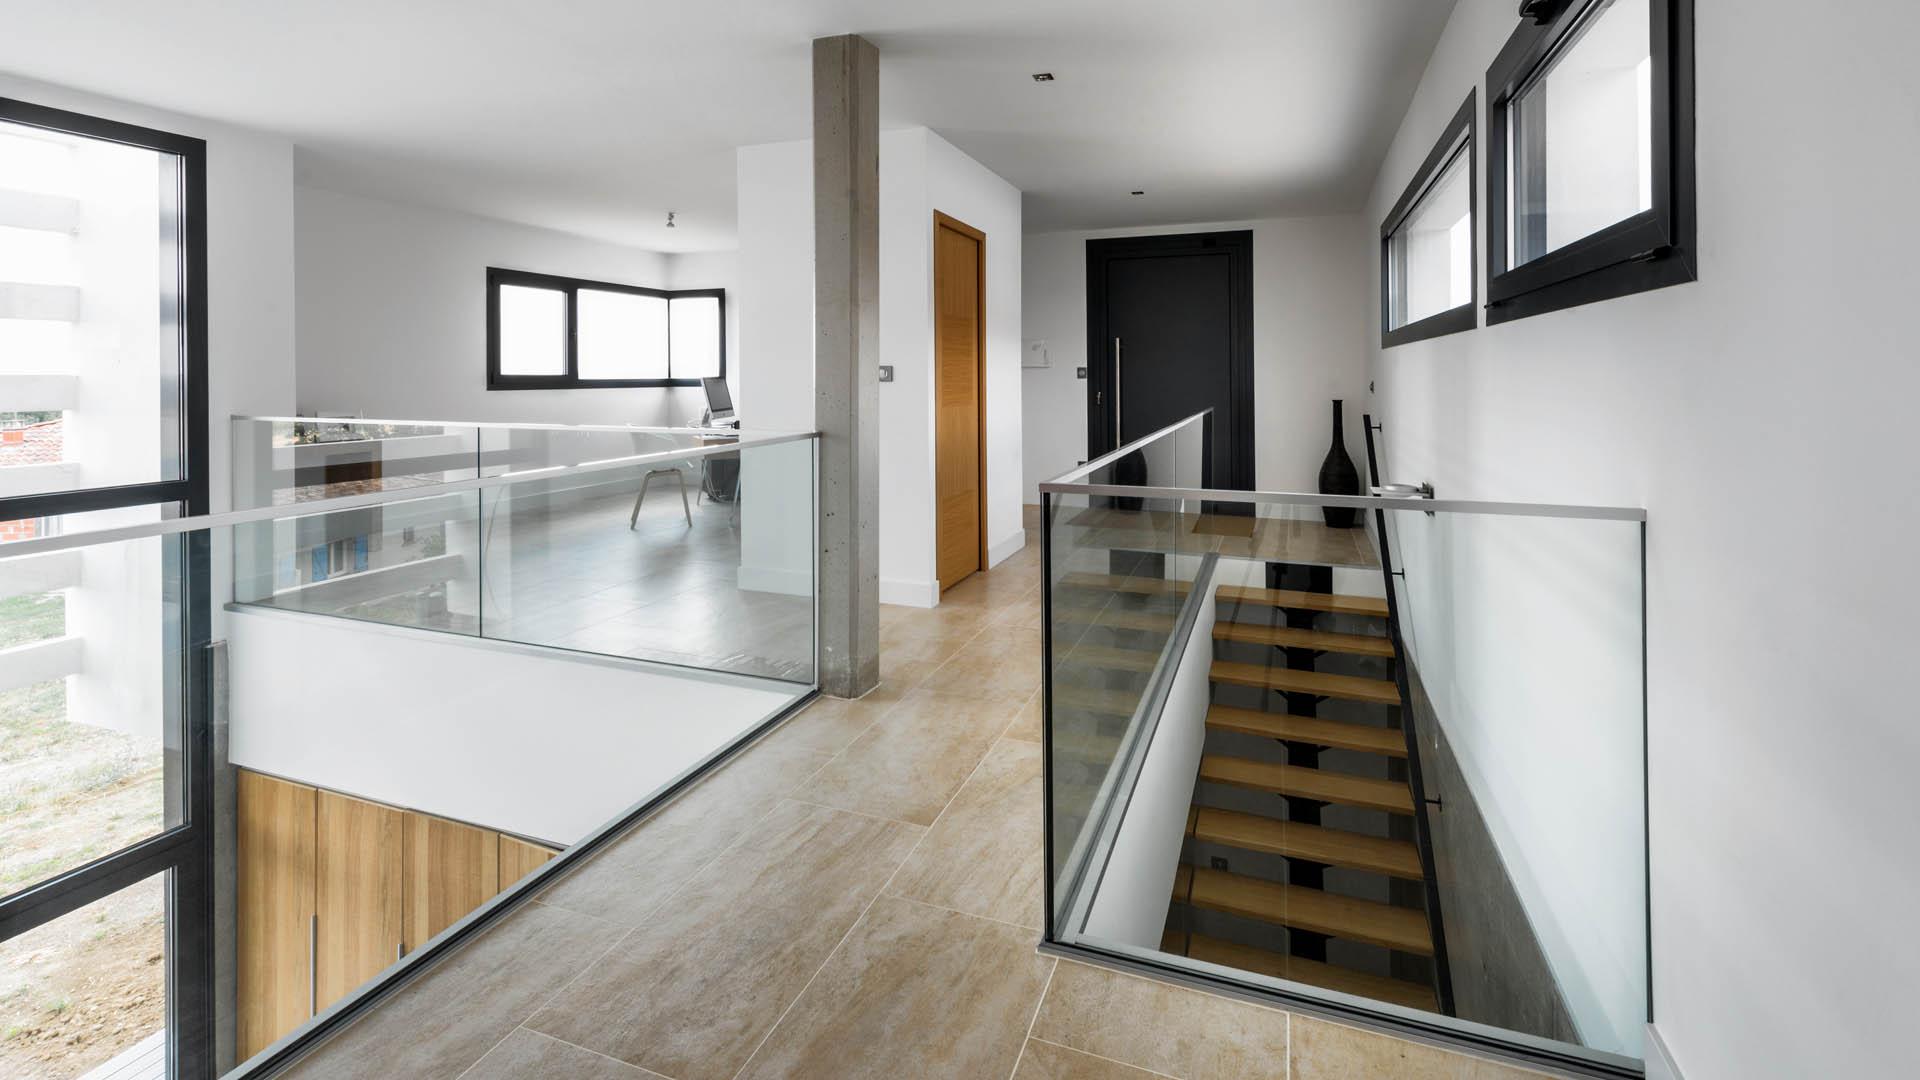 04-Seuil-Architecture-maison-castelnau-crédit-Ph.-Stéphane-Brugidou